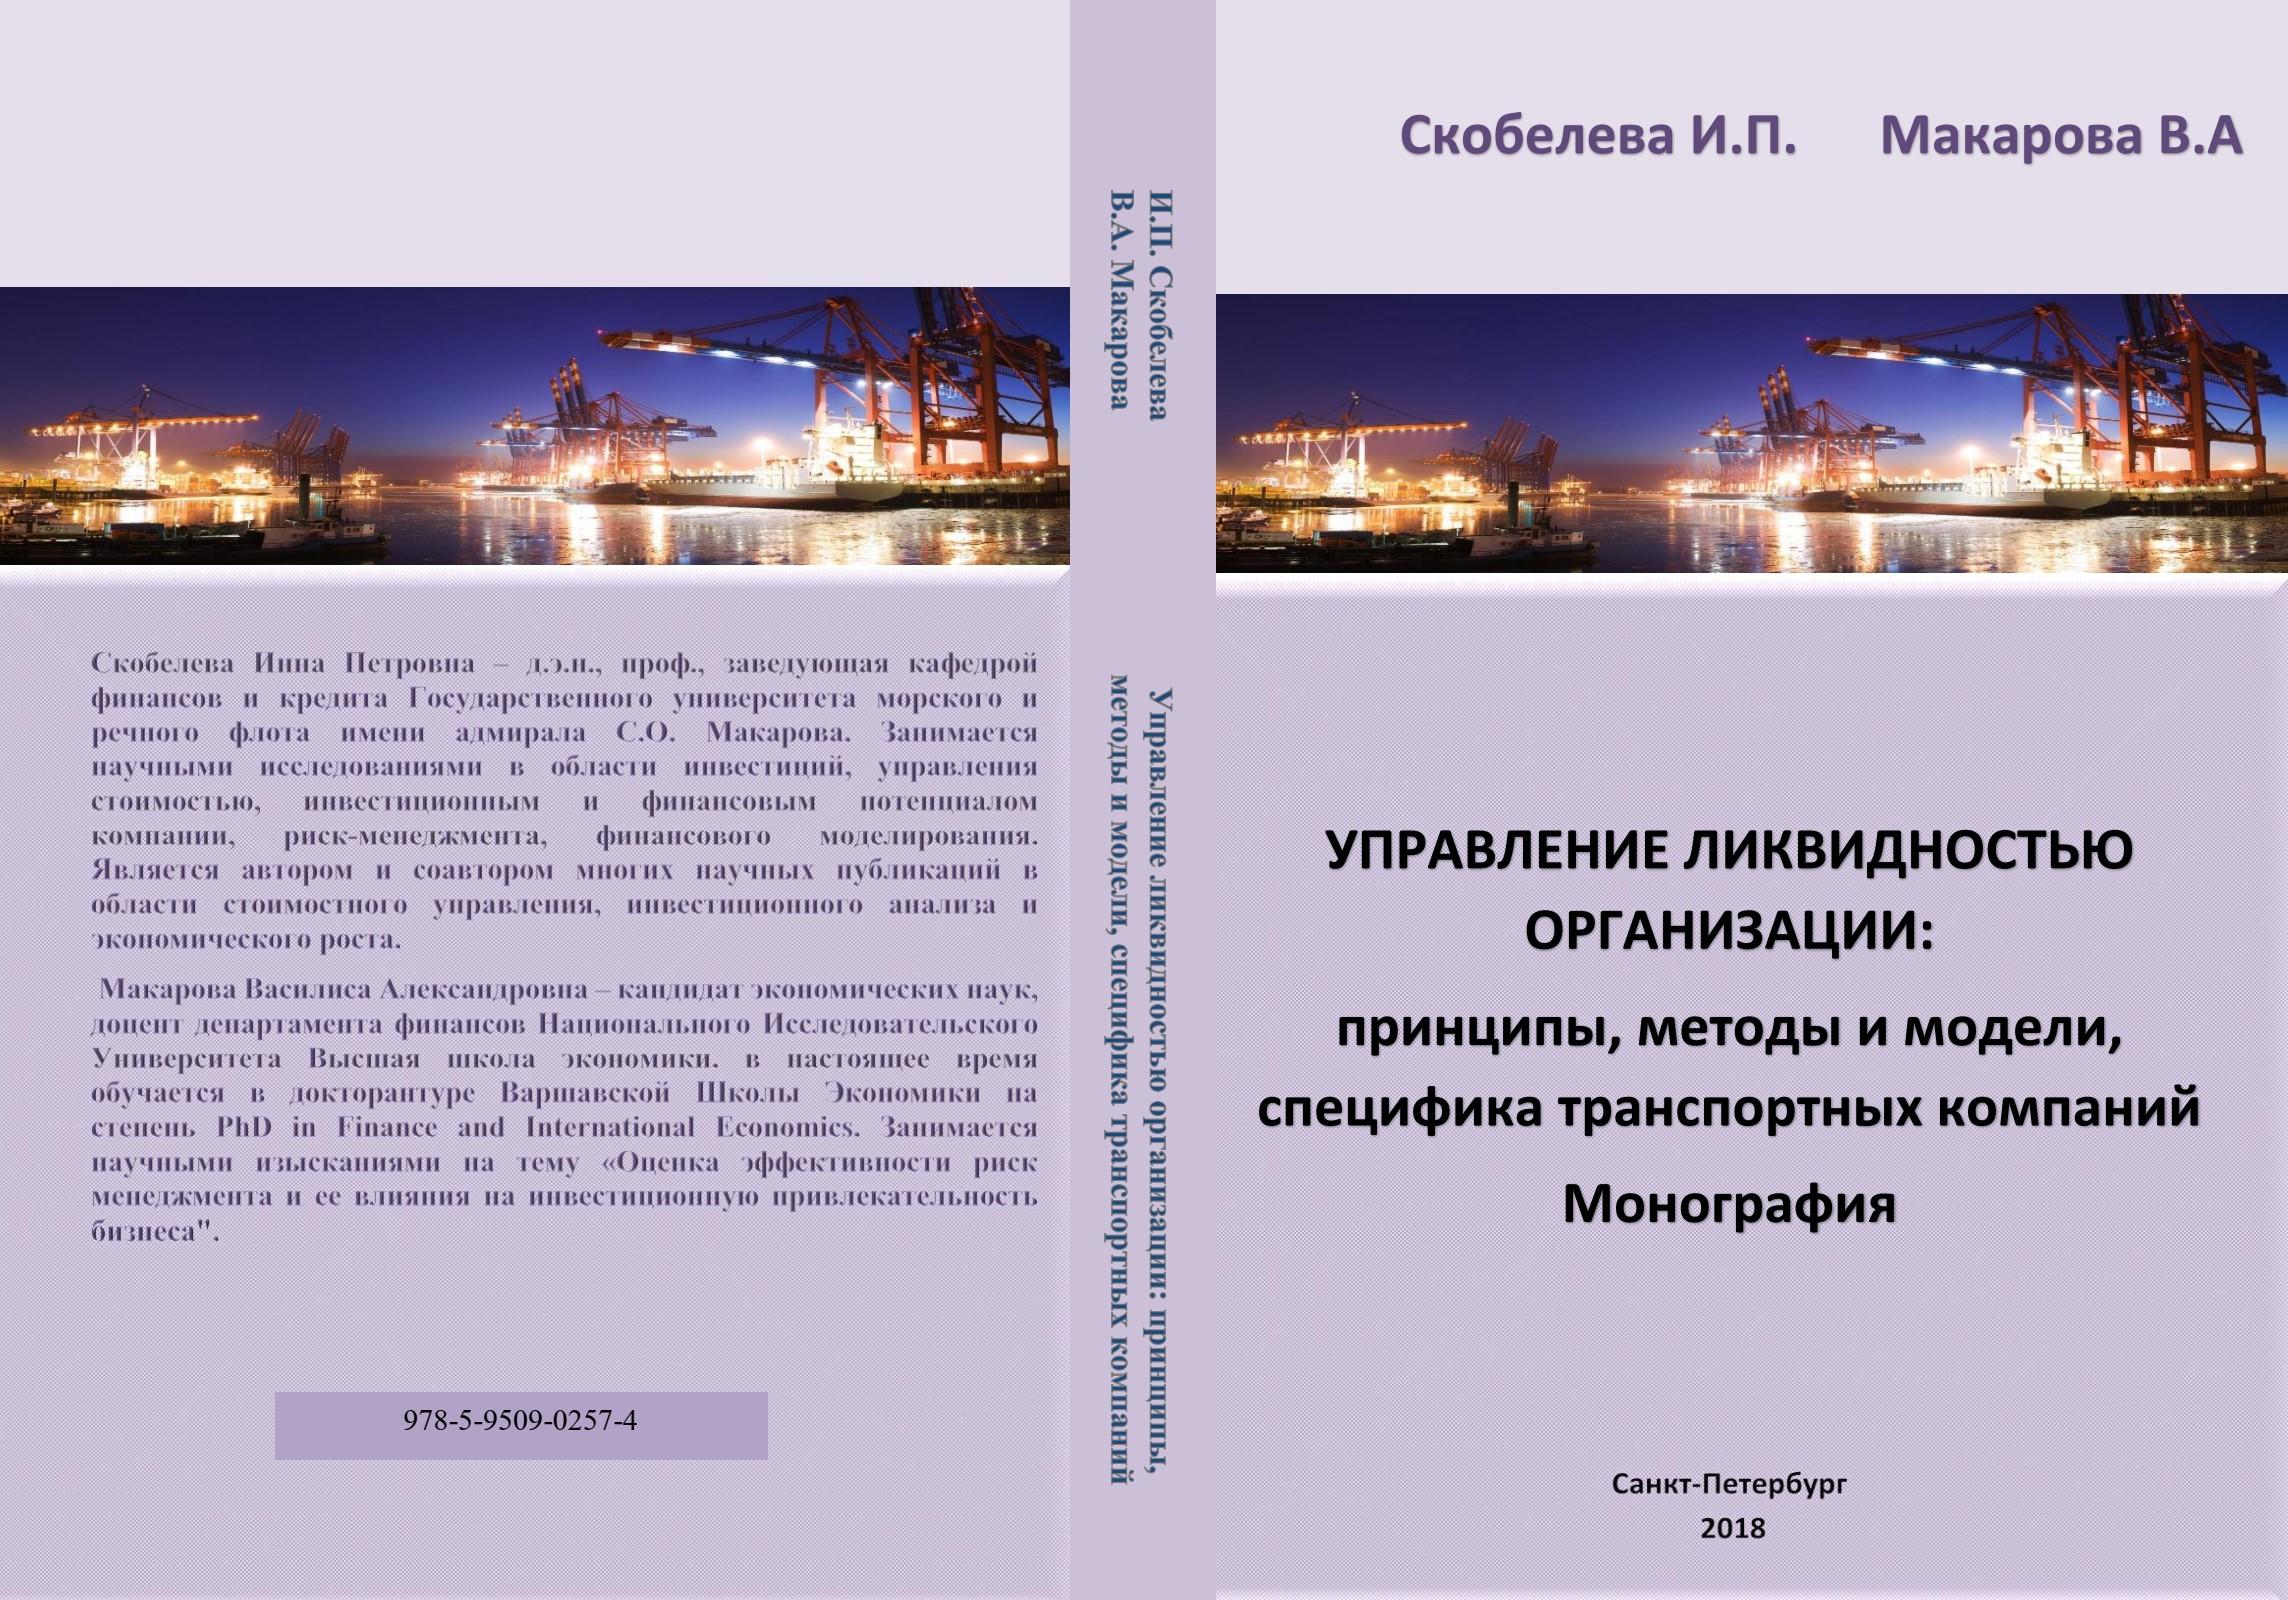 Управление ликвидностью организации: принципы, методы и модели, специфика транспортных компаний. Монография